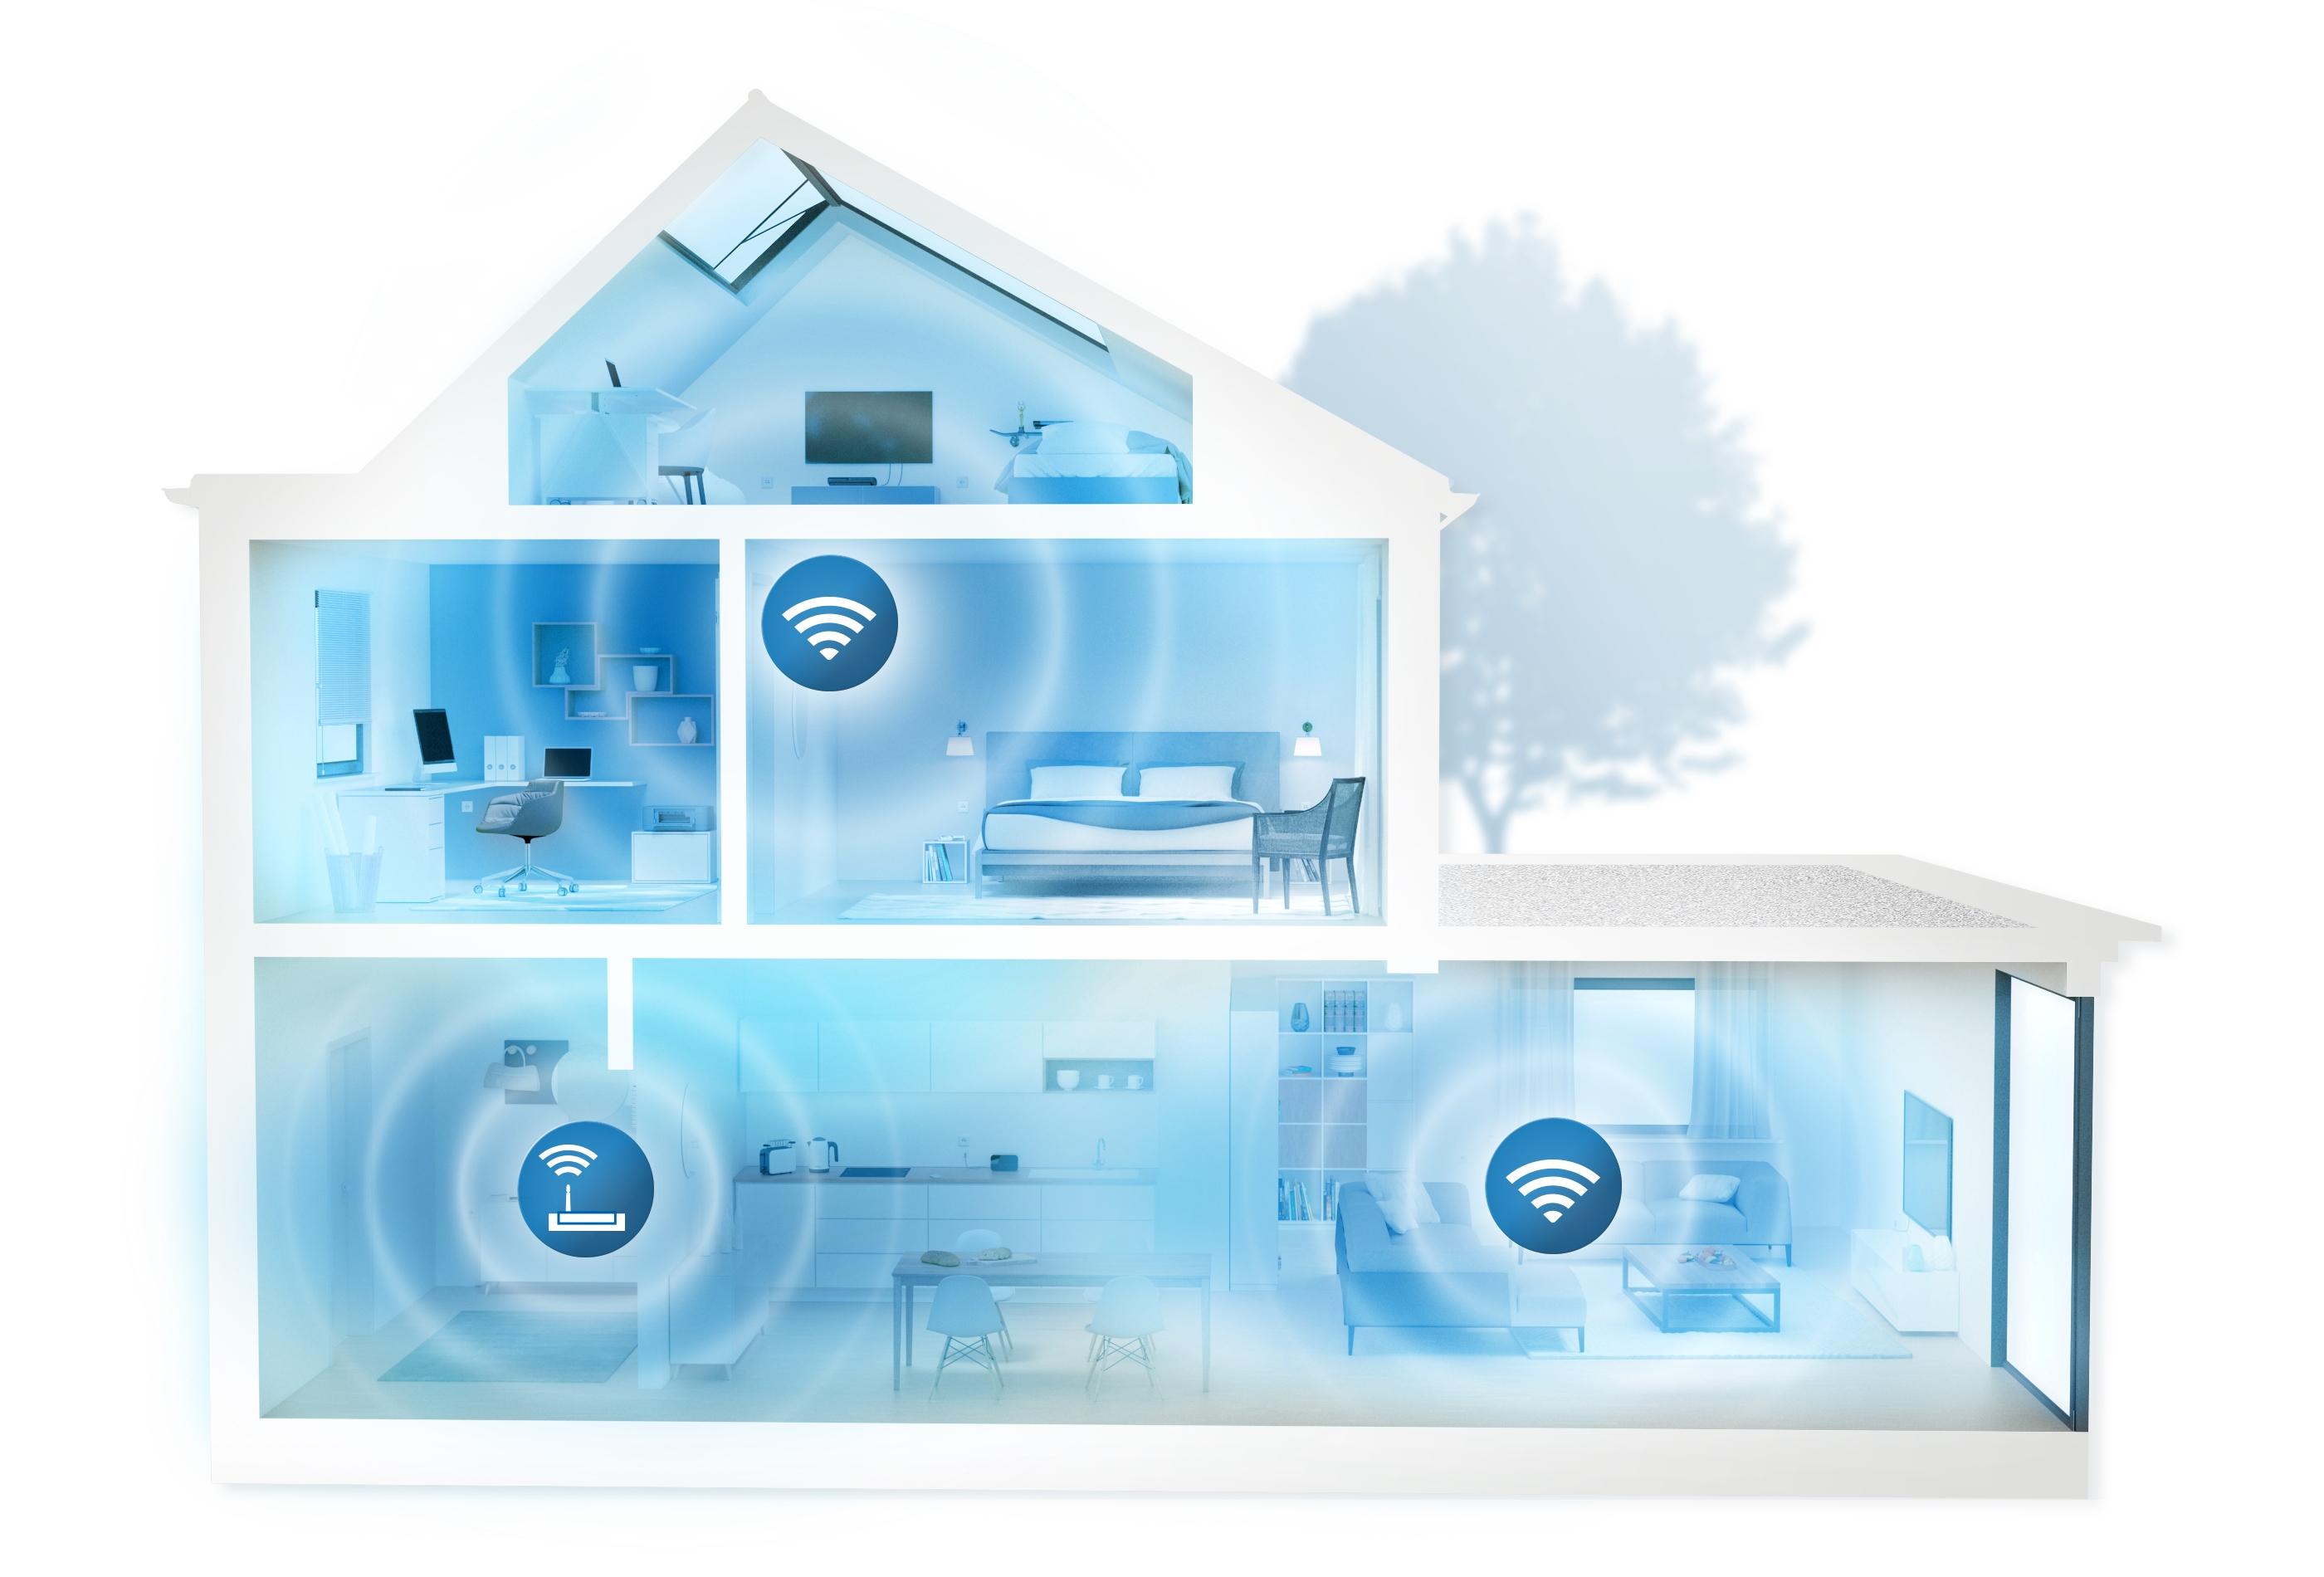 wlan ratgeber die f nf besten tipps f r ein schnelles wlan im ganzen zuhause pressemitteilung. Black Bedroom Furniture Sets. Home Design Ideas